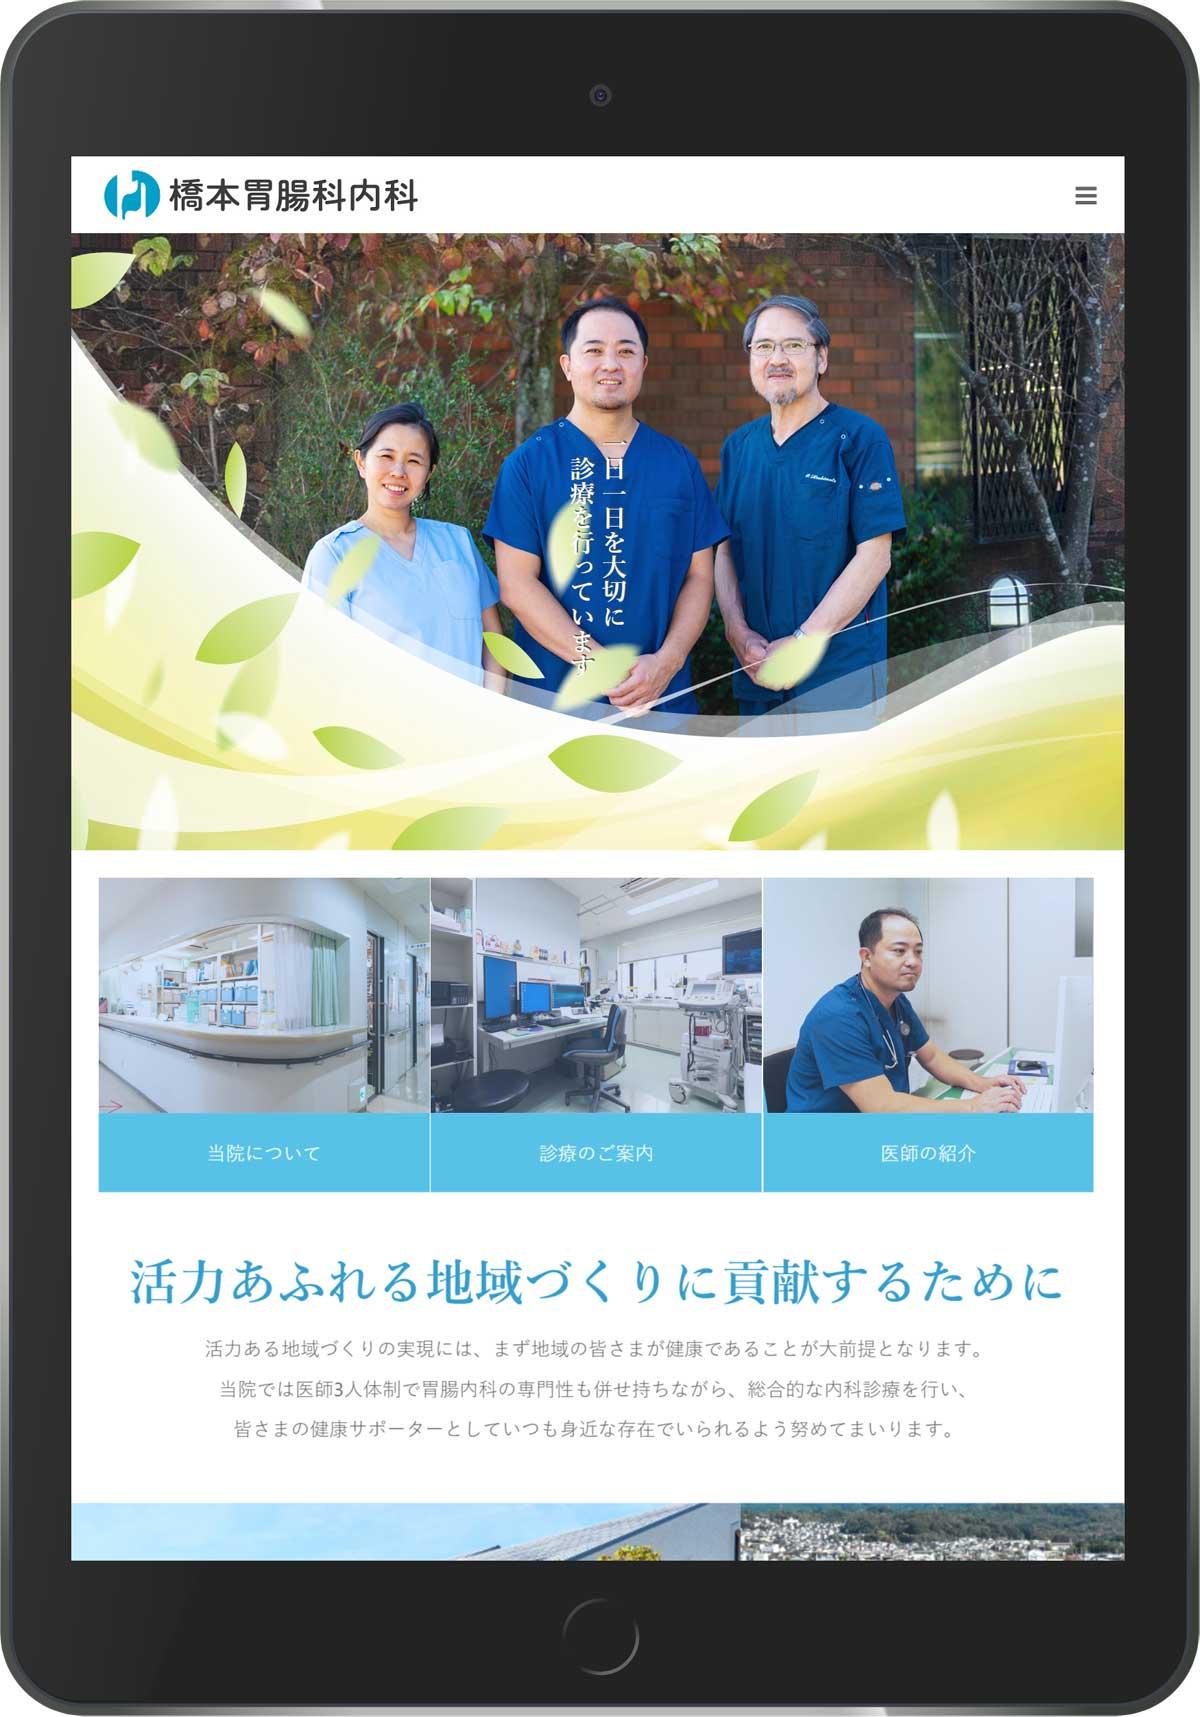 医療法人橋本胃腸科内科タブレット用ウェブサイトデザイン